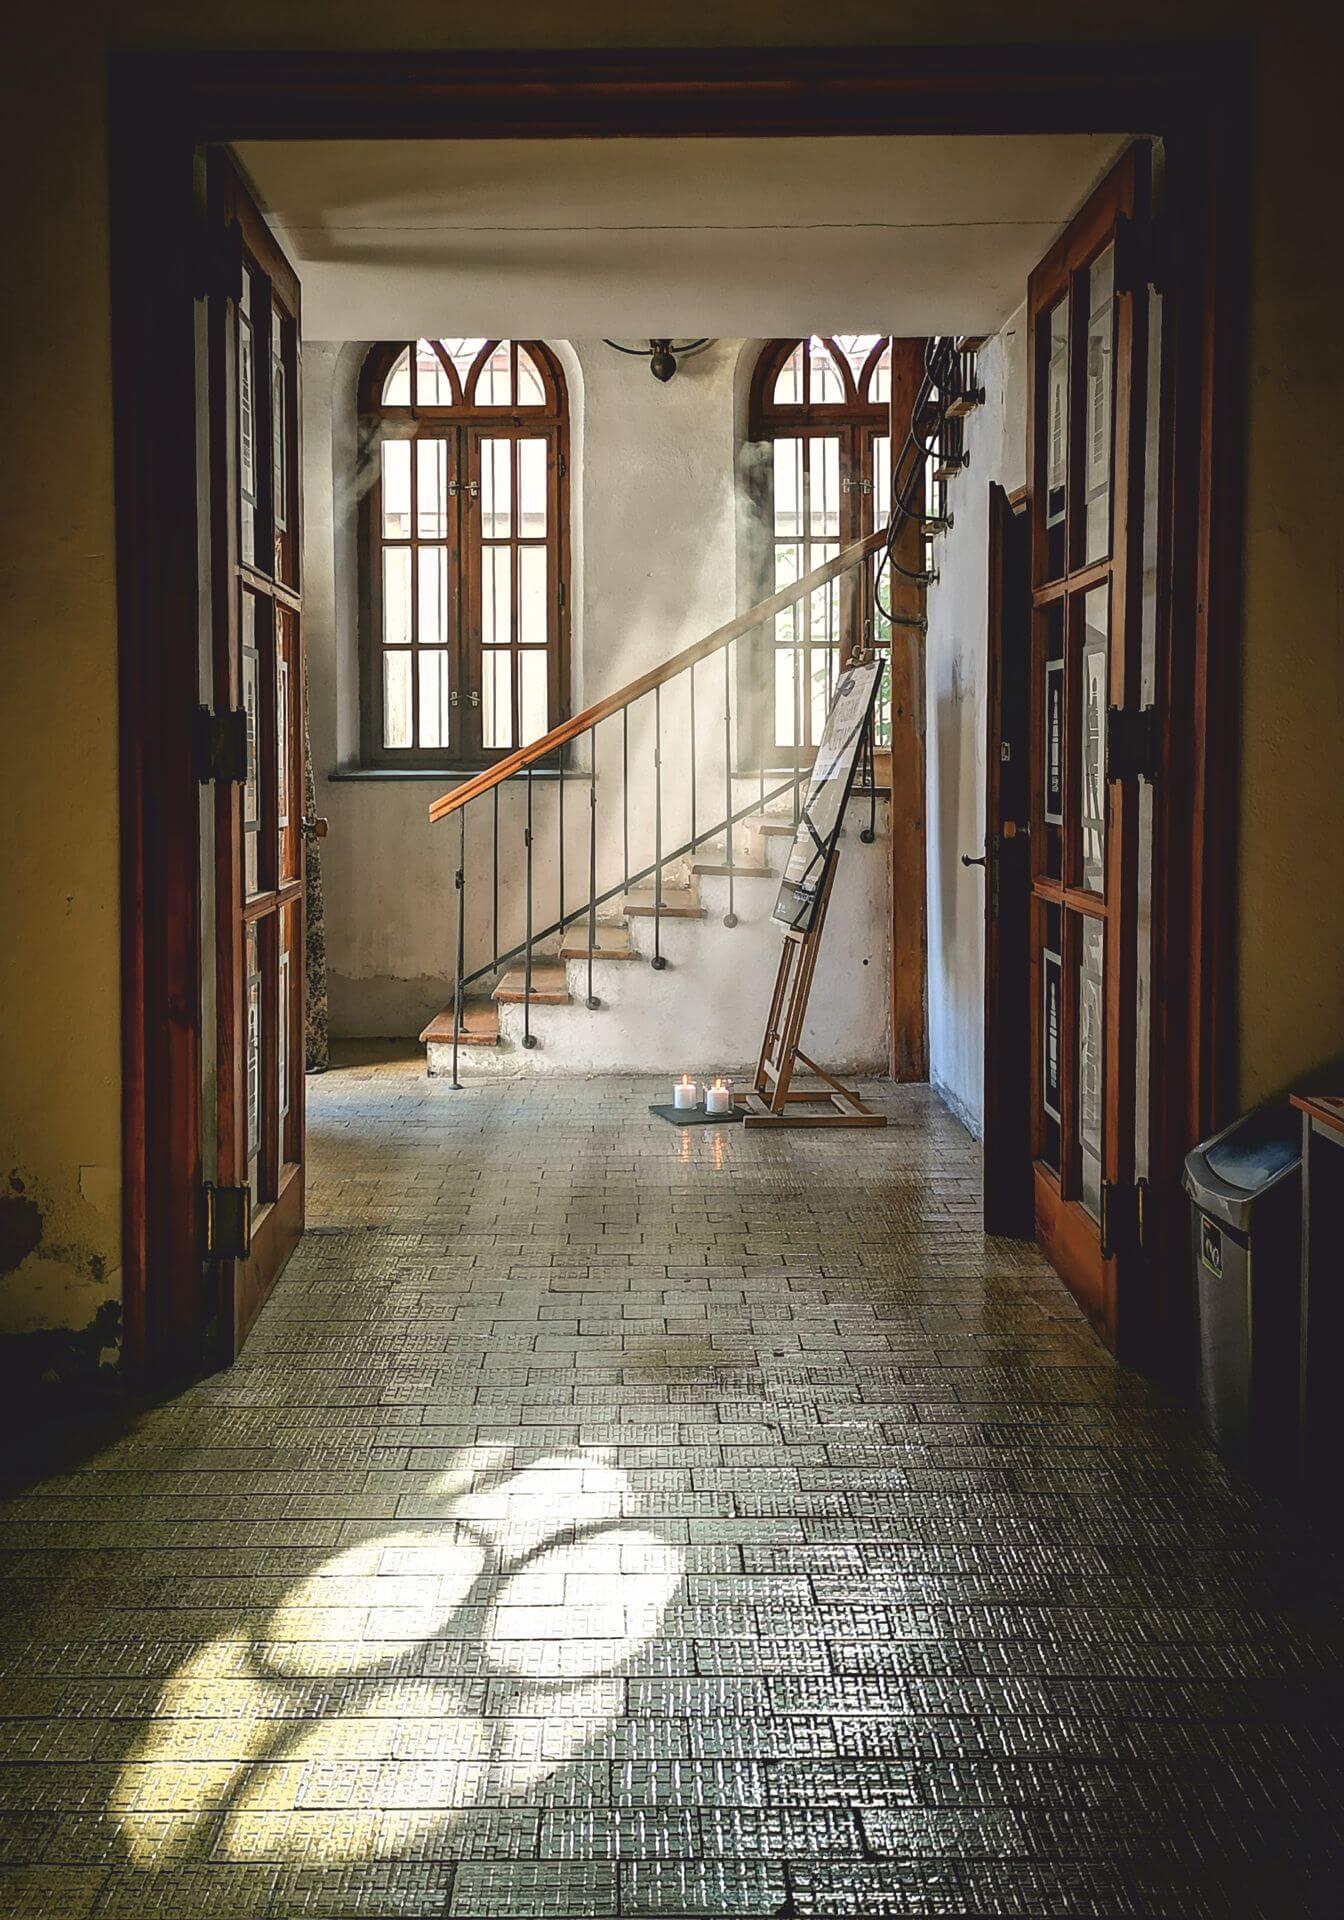 Zdjęcie wnętrza synagogi wykonane przez Annę Małkowicz.